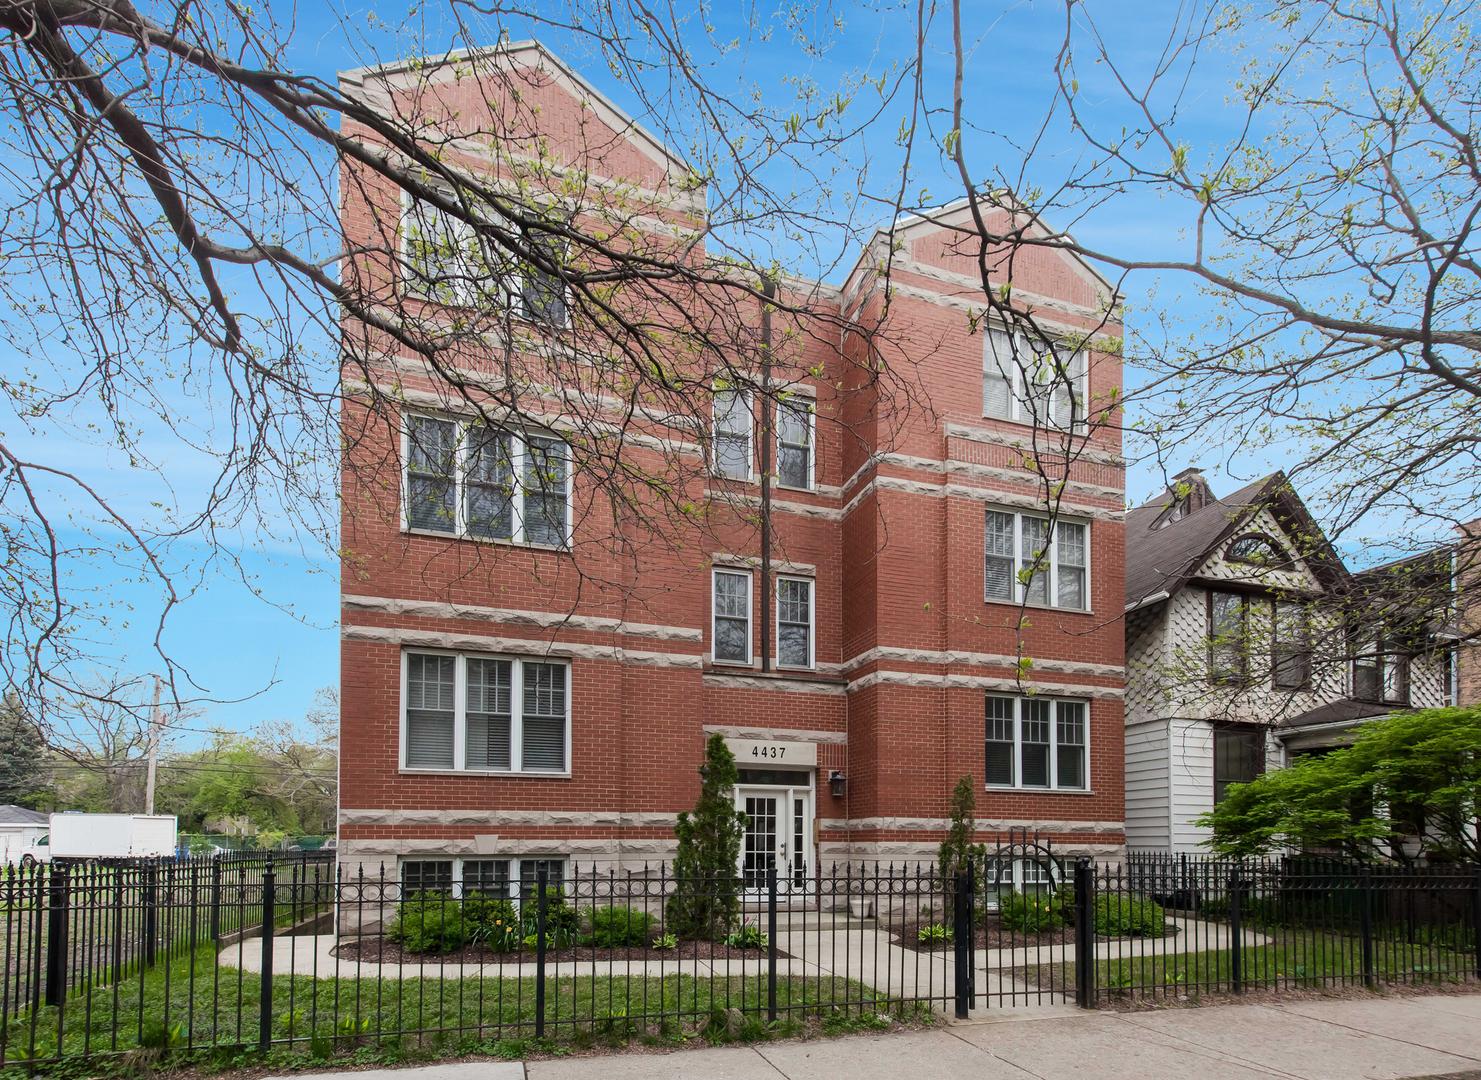 4437 Ashland Unit Unit 2n ,Chicago, Illinois 60640